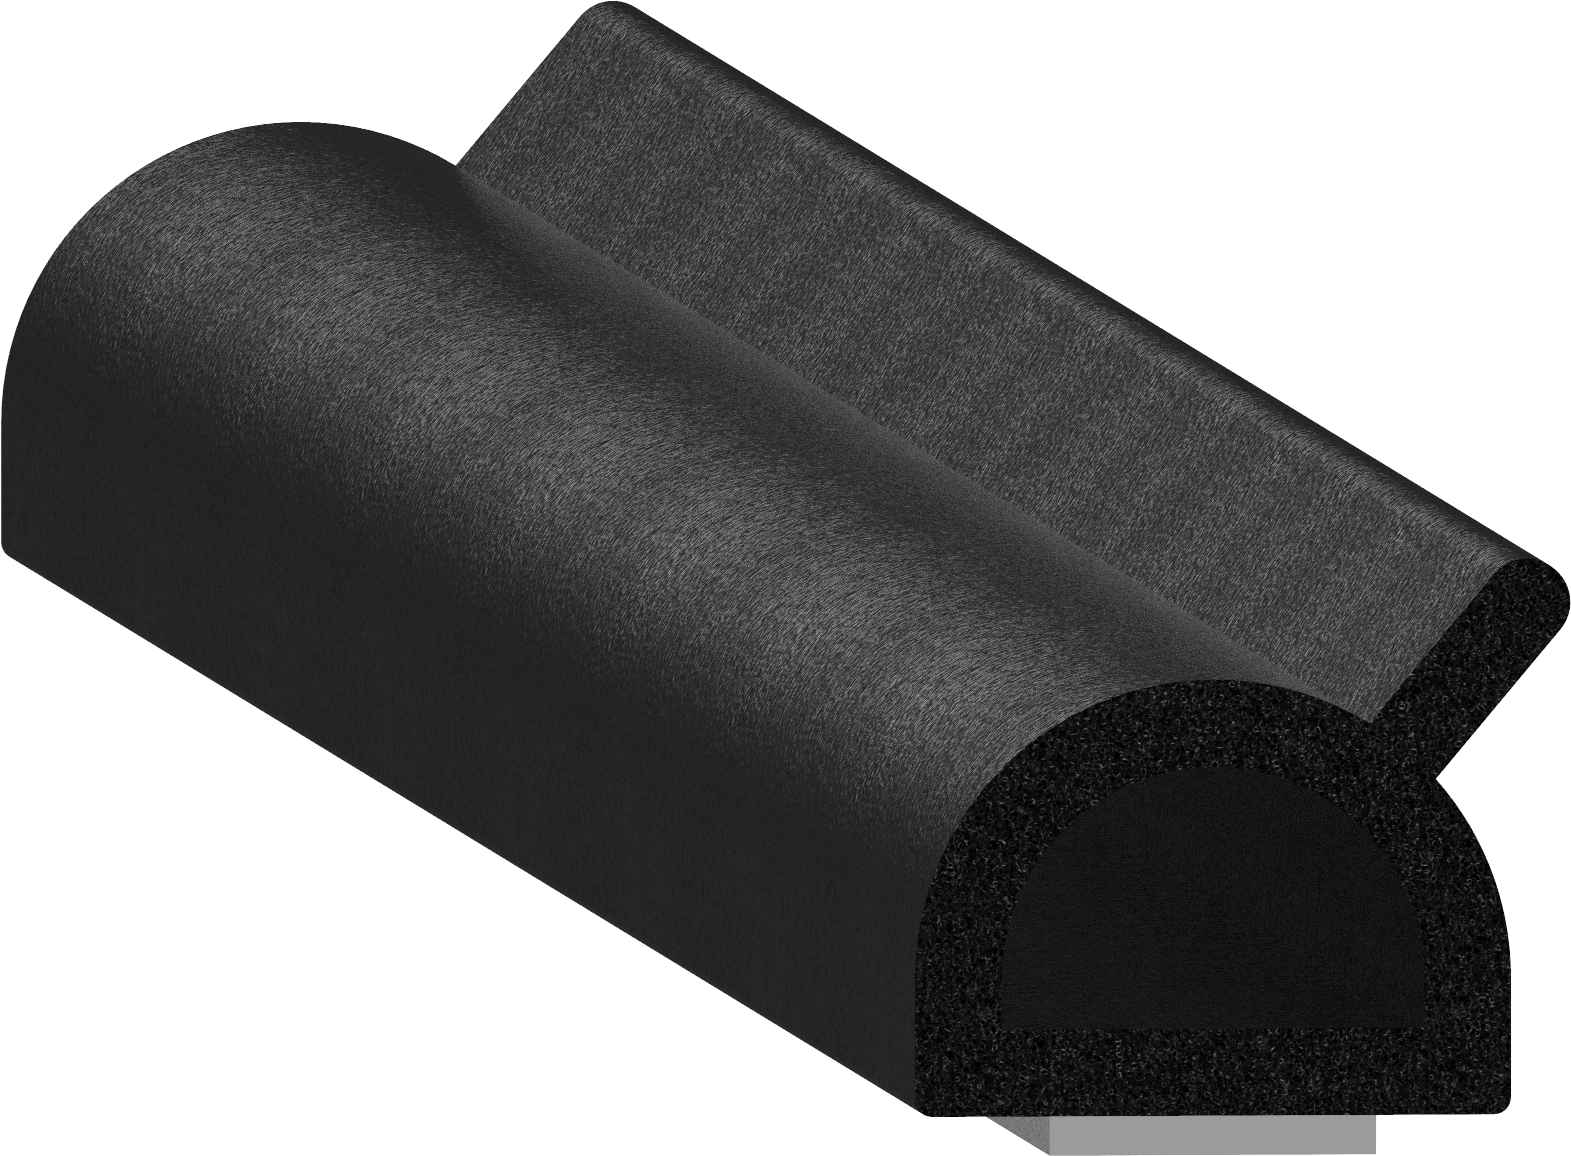 Uni-Grip part: SD-801-PT